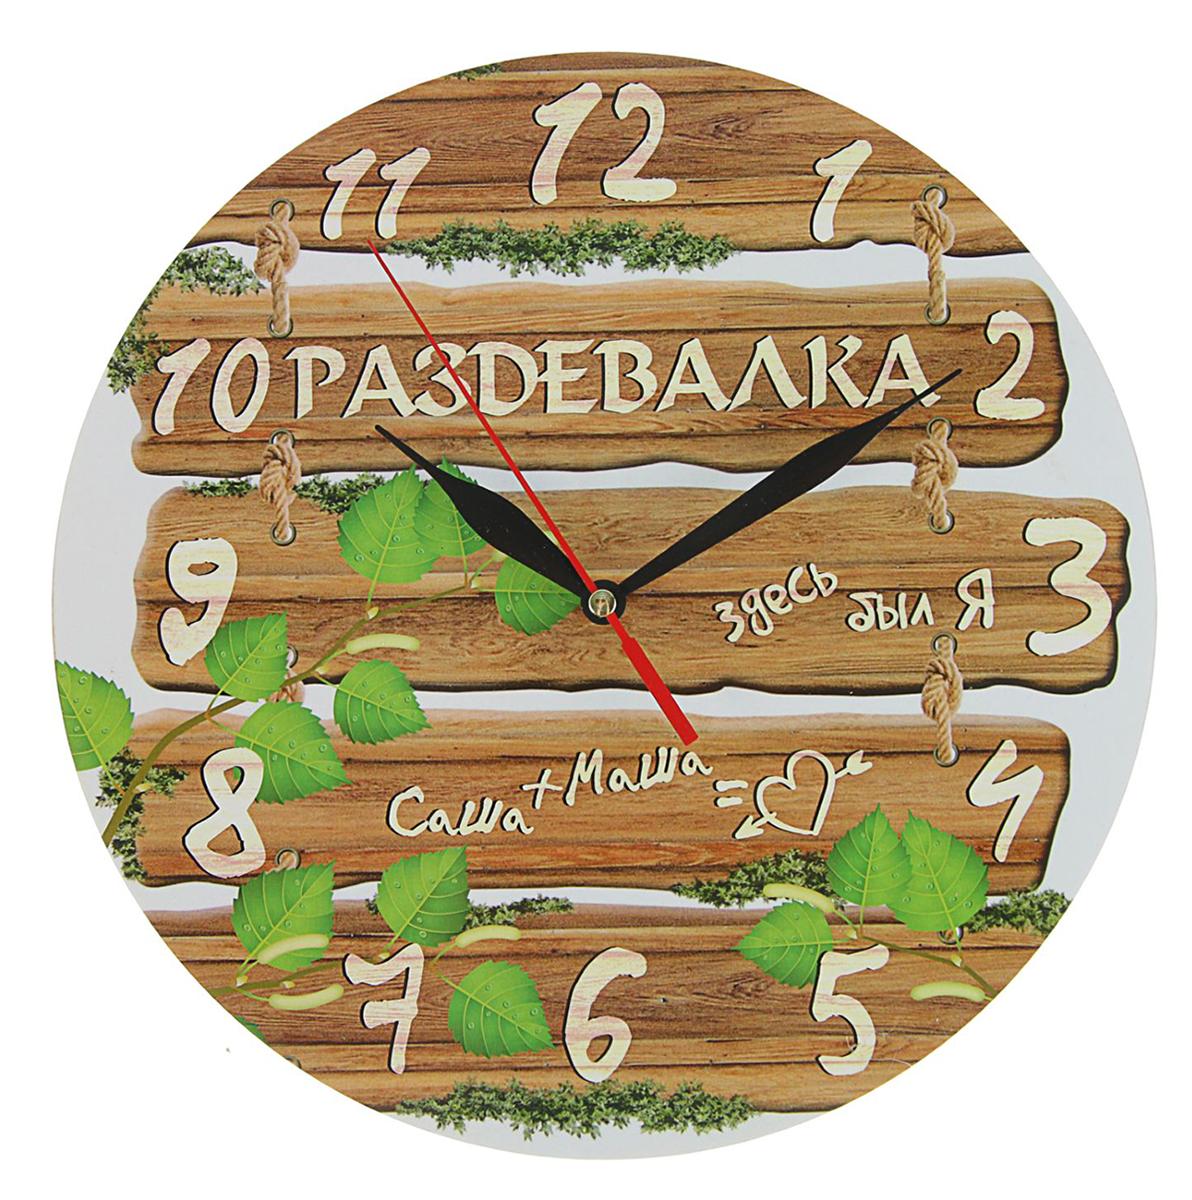 Часы настенные банные Раздевалка, диаметр 25 см2479213Проводите время с пользой Настоящий мужской отдых невозможен без хорошей бани! Чтобы не потерять ощущение времени, проводя приятный досуг в отличной компании, повесьте на стену часы, но не простые, а те, что отражают настроение и вписываются в интерьер. Наши часы с пожеланием «Русская баня» станут полезным приобретением, которое будет долго радовать владельца. Если стрелки остановятся, поменяйте батарейку и вперед — париться и отдыхать!Часы для бани Раздевалка доски, O 25см 2479213